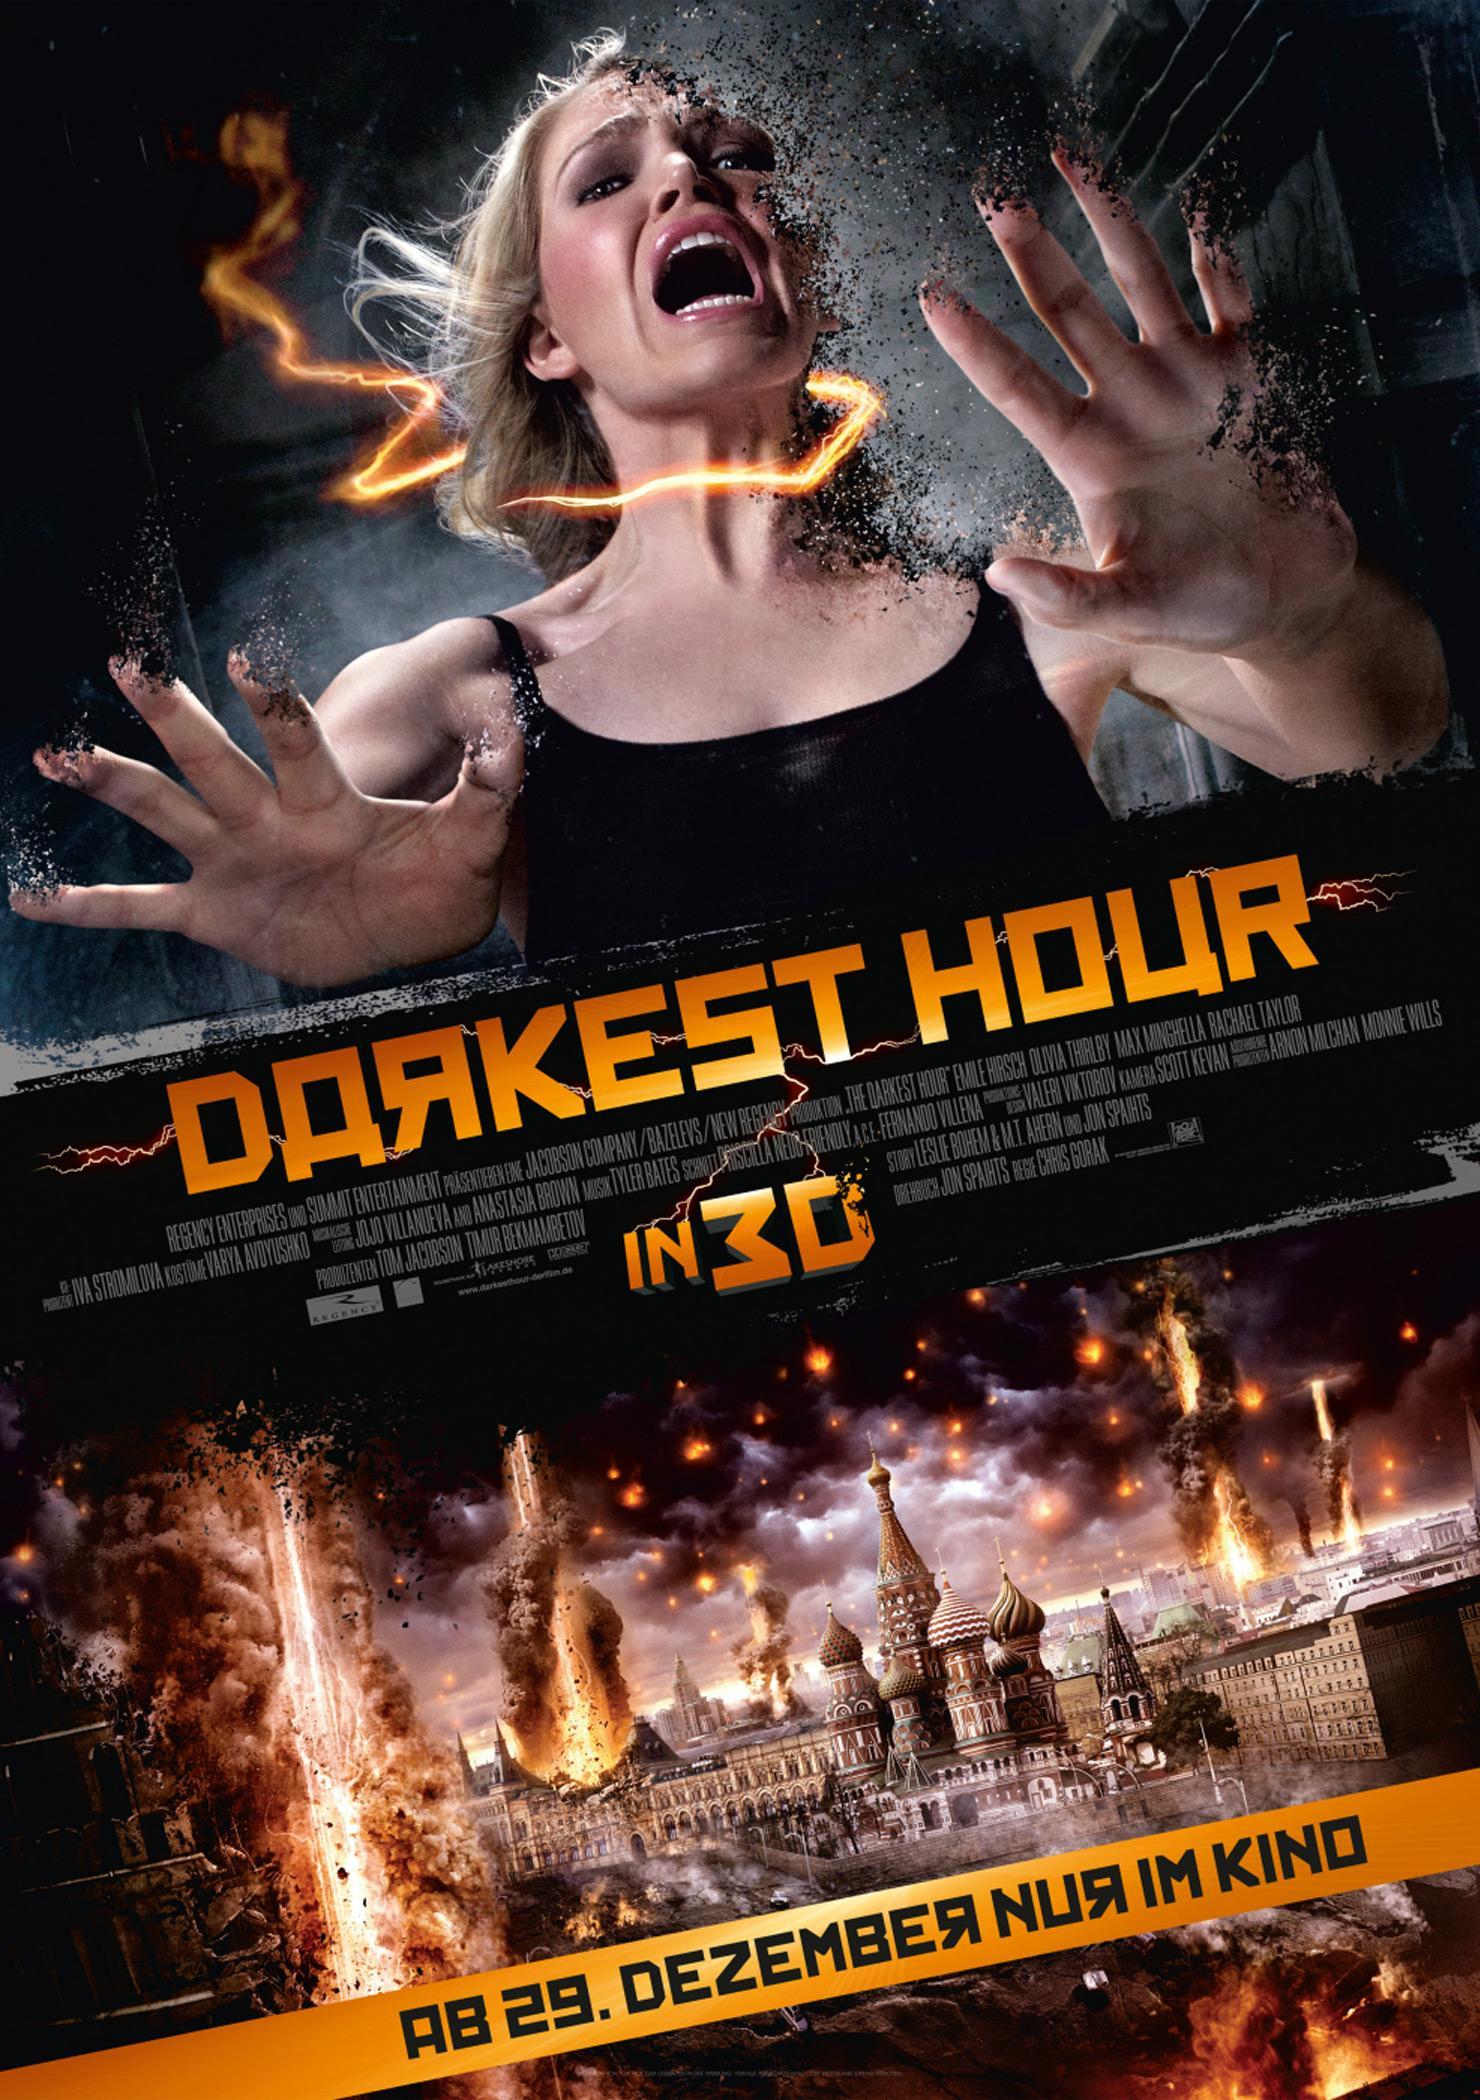 Darkest Hour (Poster)